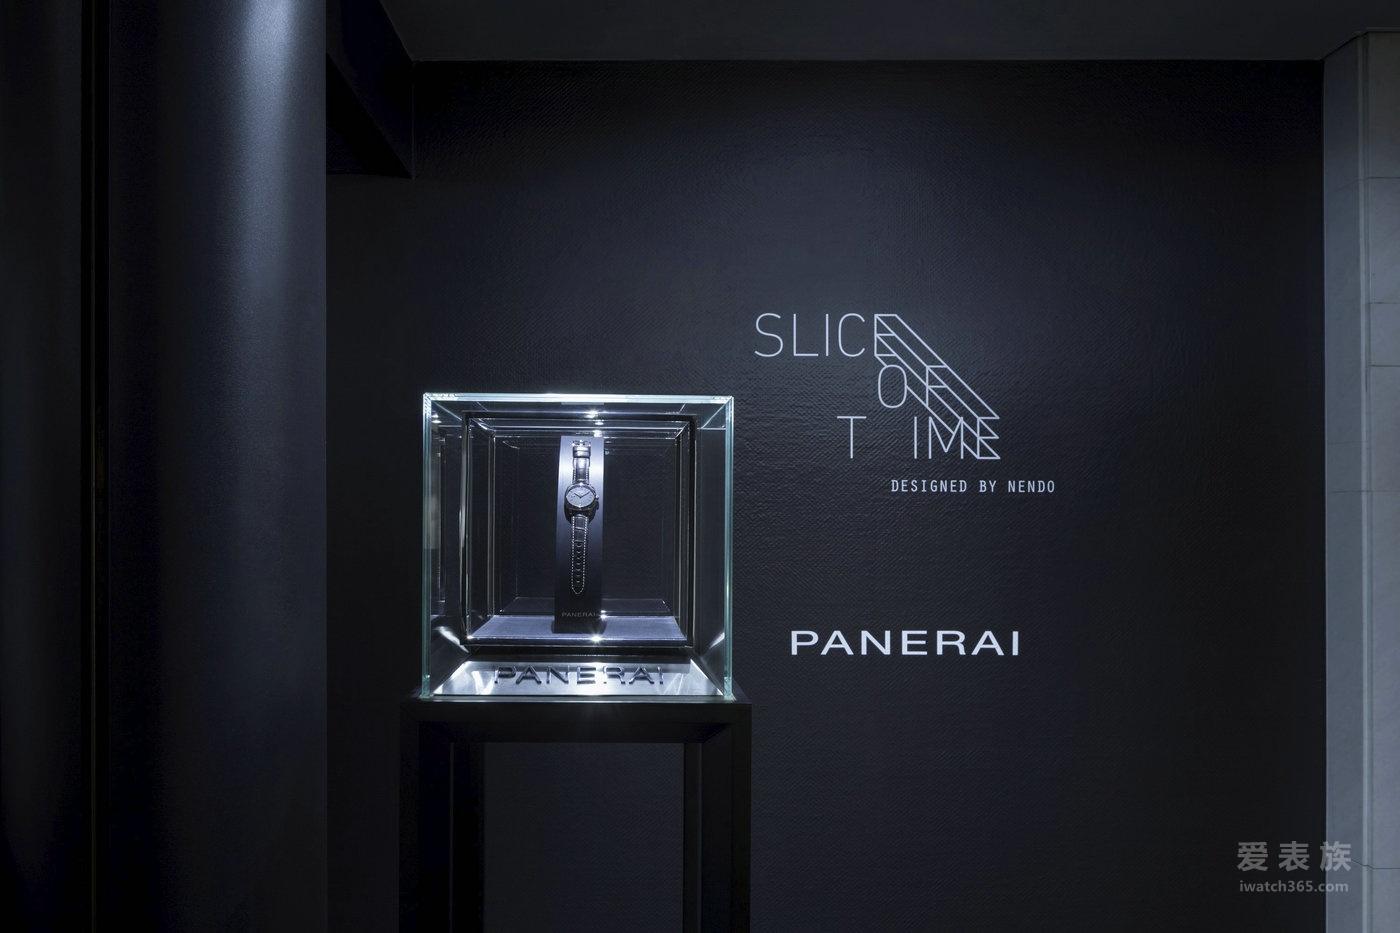 沛纳海 A SLICE OF TIME 登陆2016东京设计周